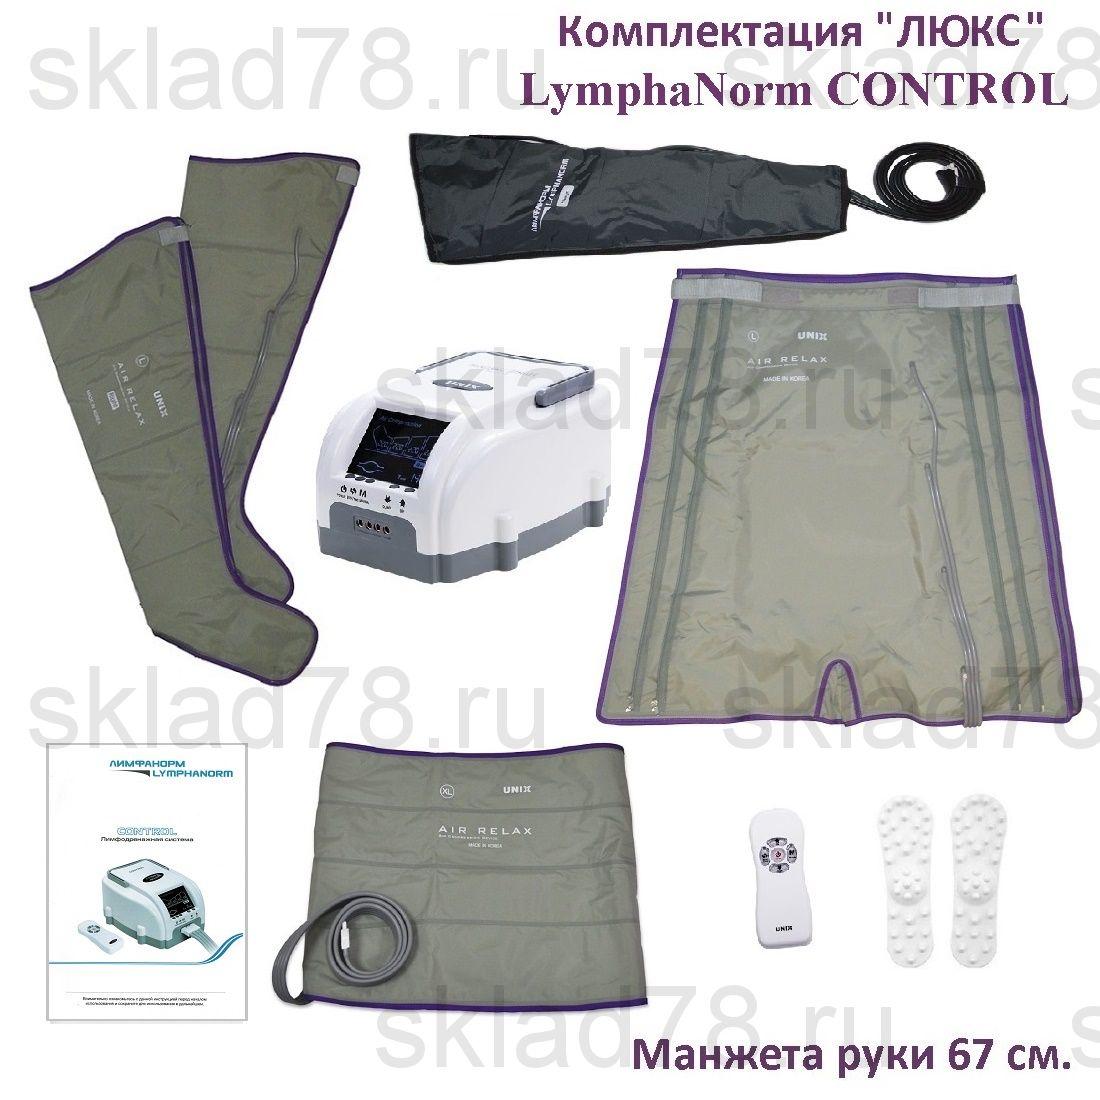 """LymphaNorm CONTROL Лимфодренаж """"ЛЮКС"""" (рука 67 см.)"""